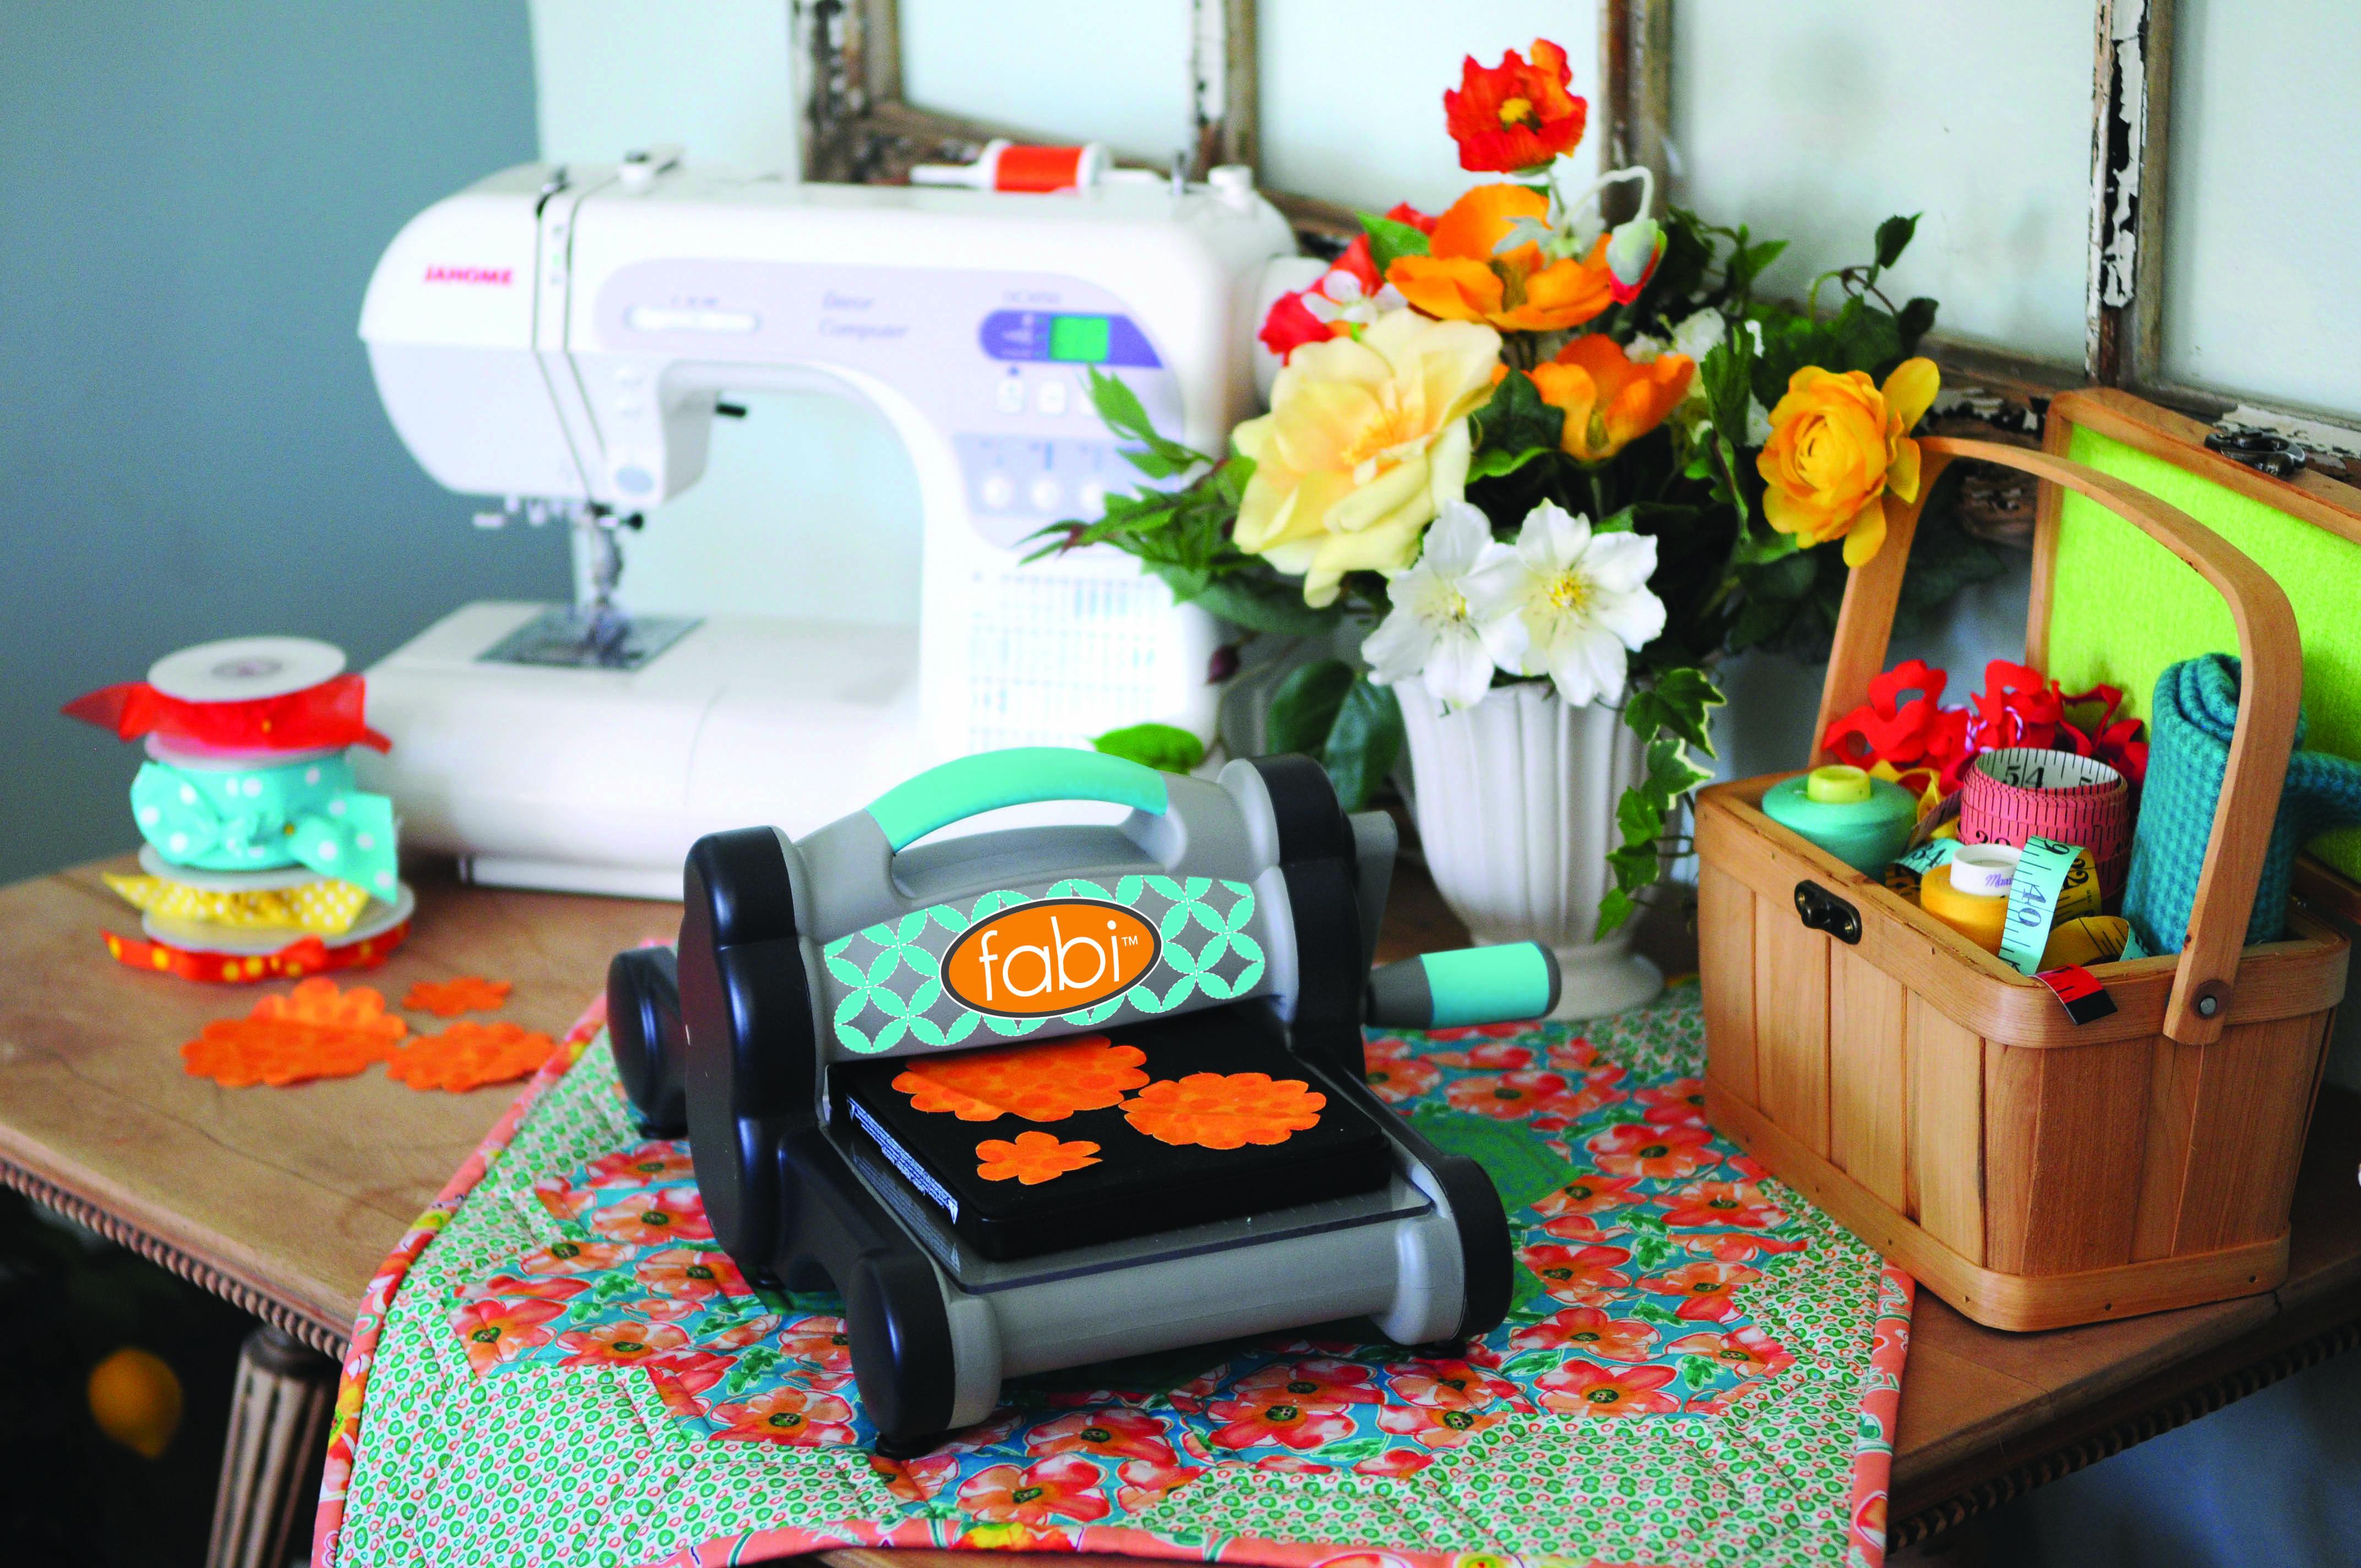 hobby lobby die cutting machine